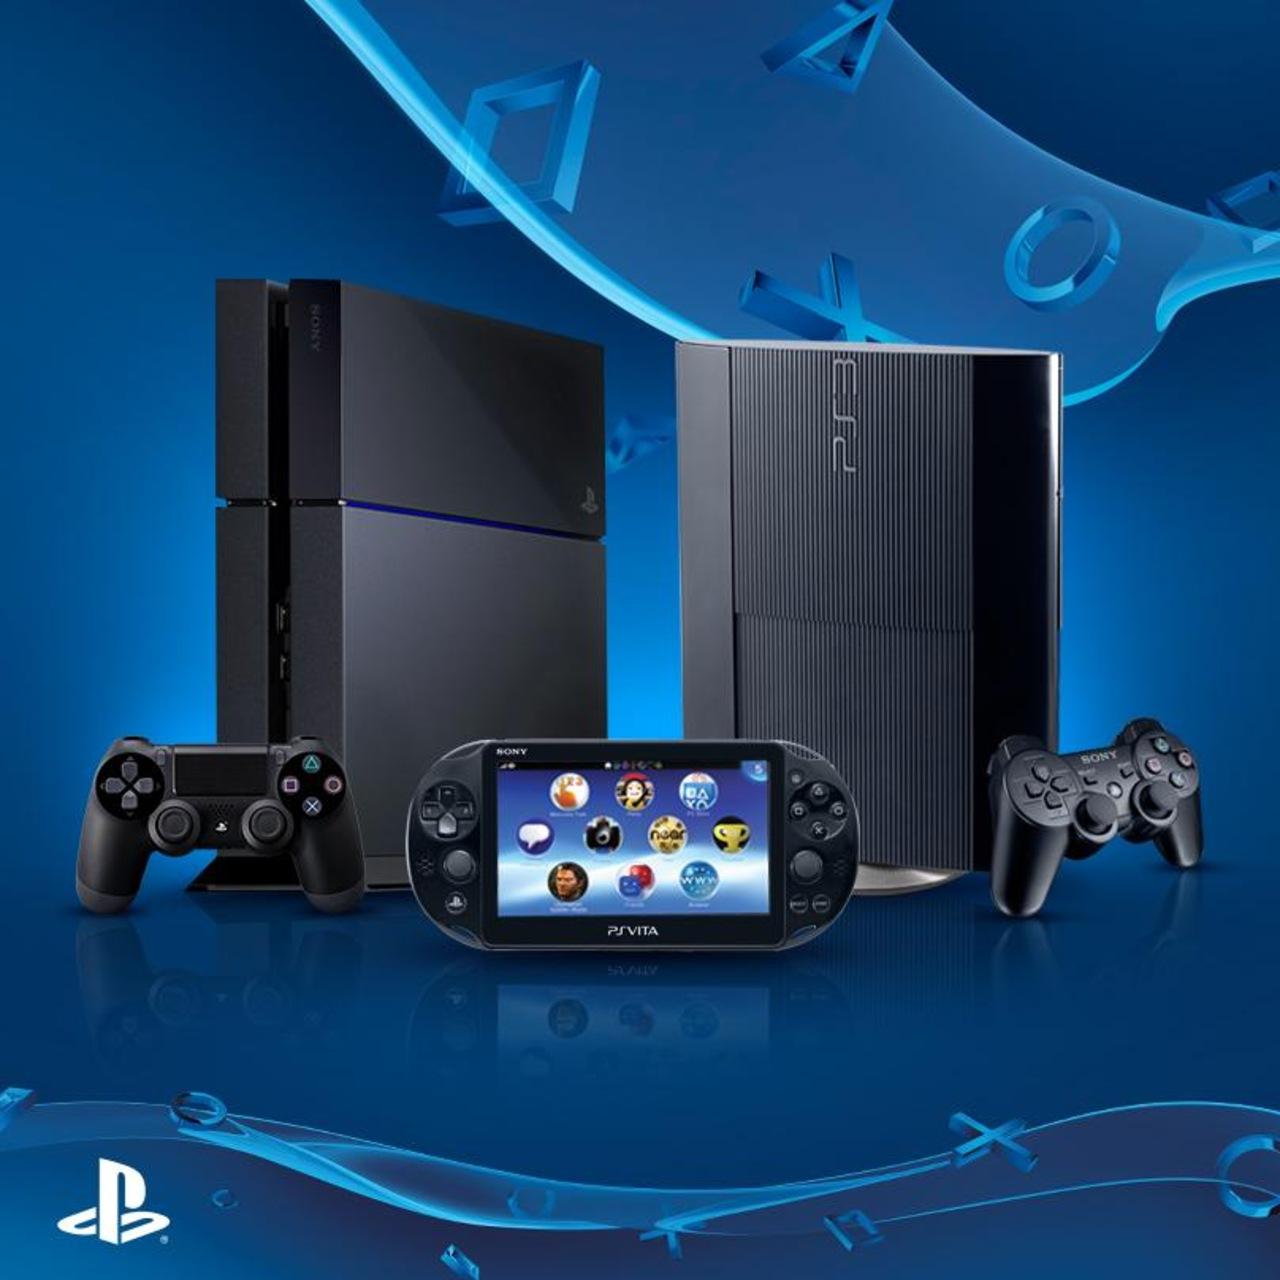 PlayStation cierre tiendas digitales PS3 PSP PS Vita